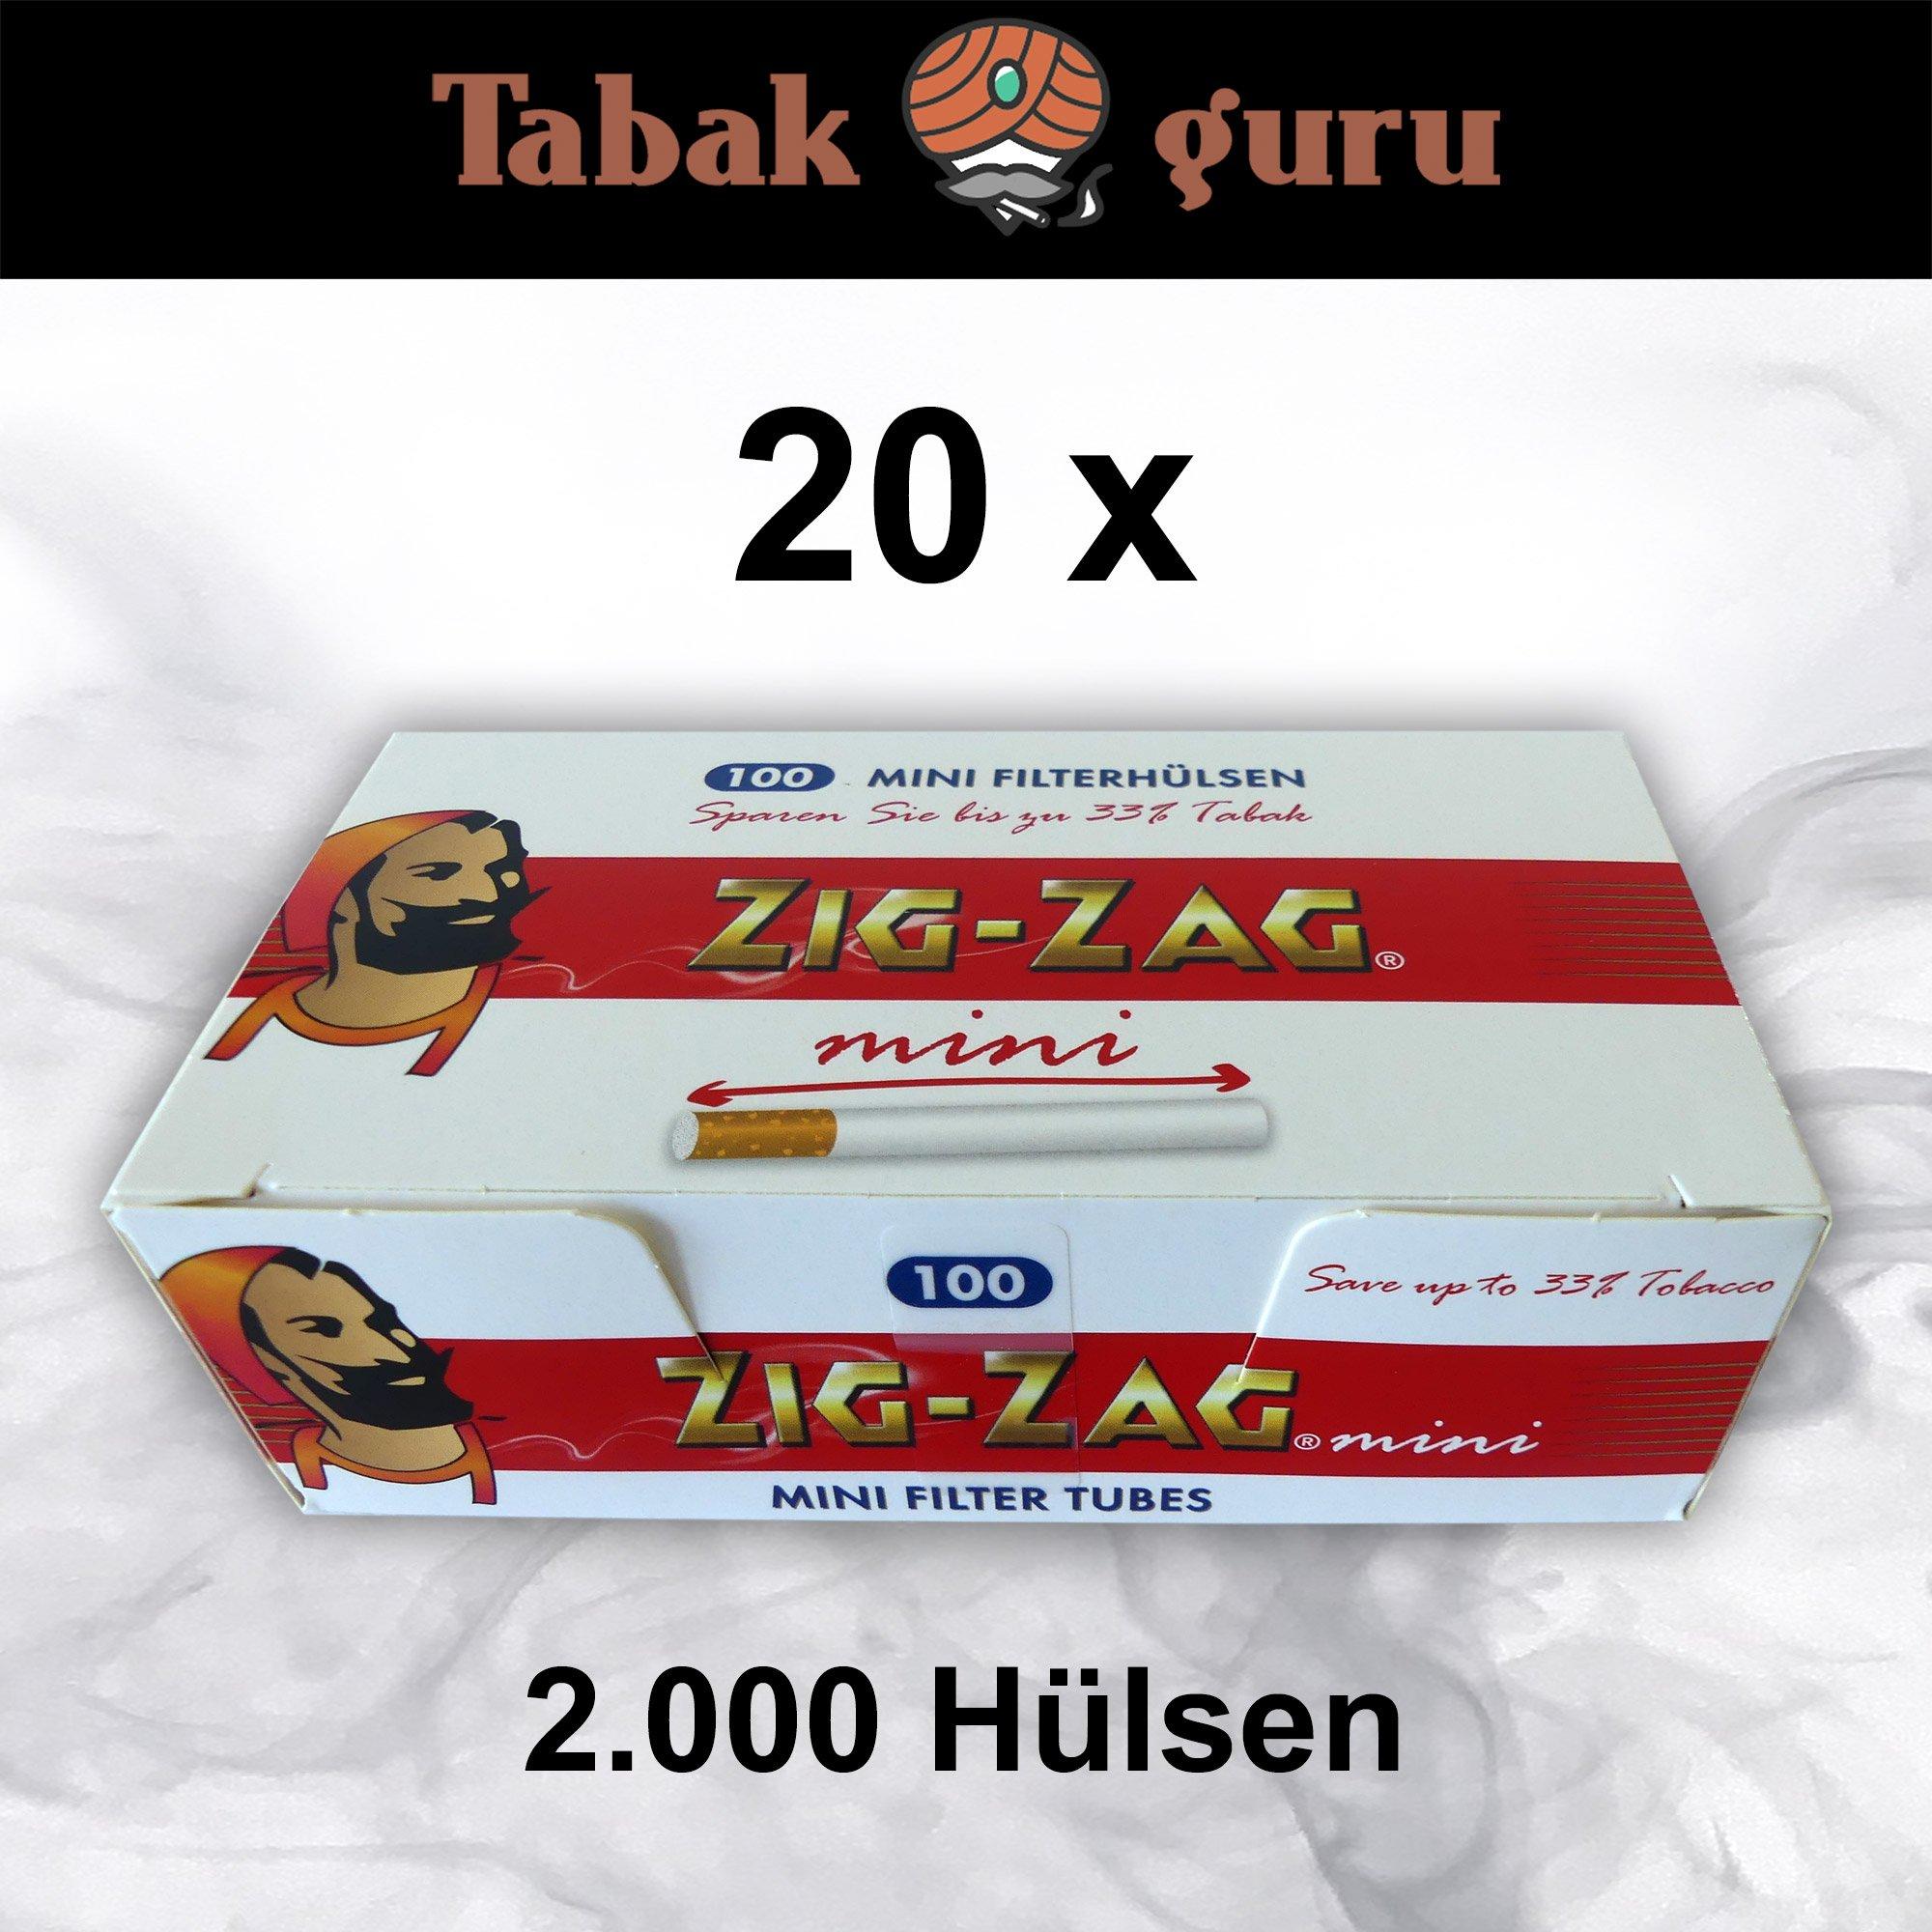 20 x 100 Zig-Zag Mini Filterhülsen